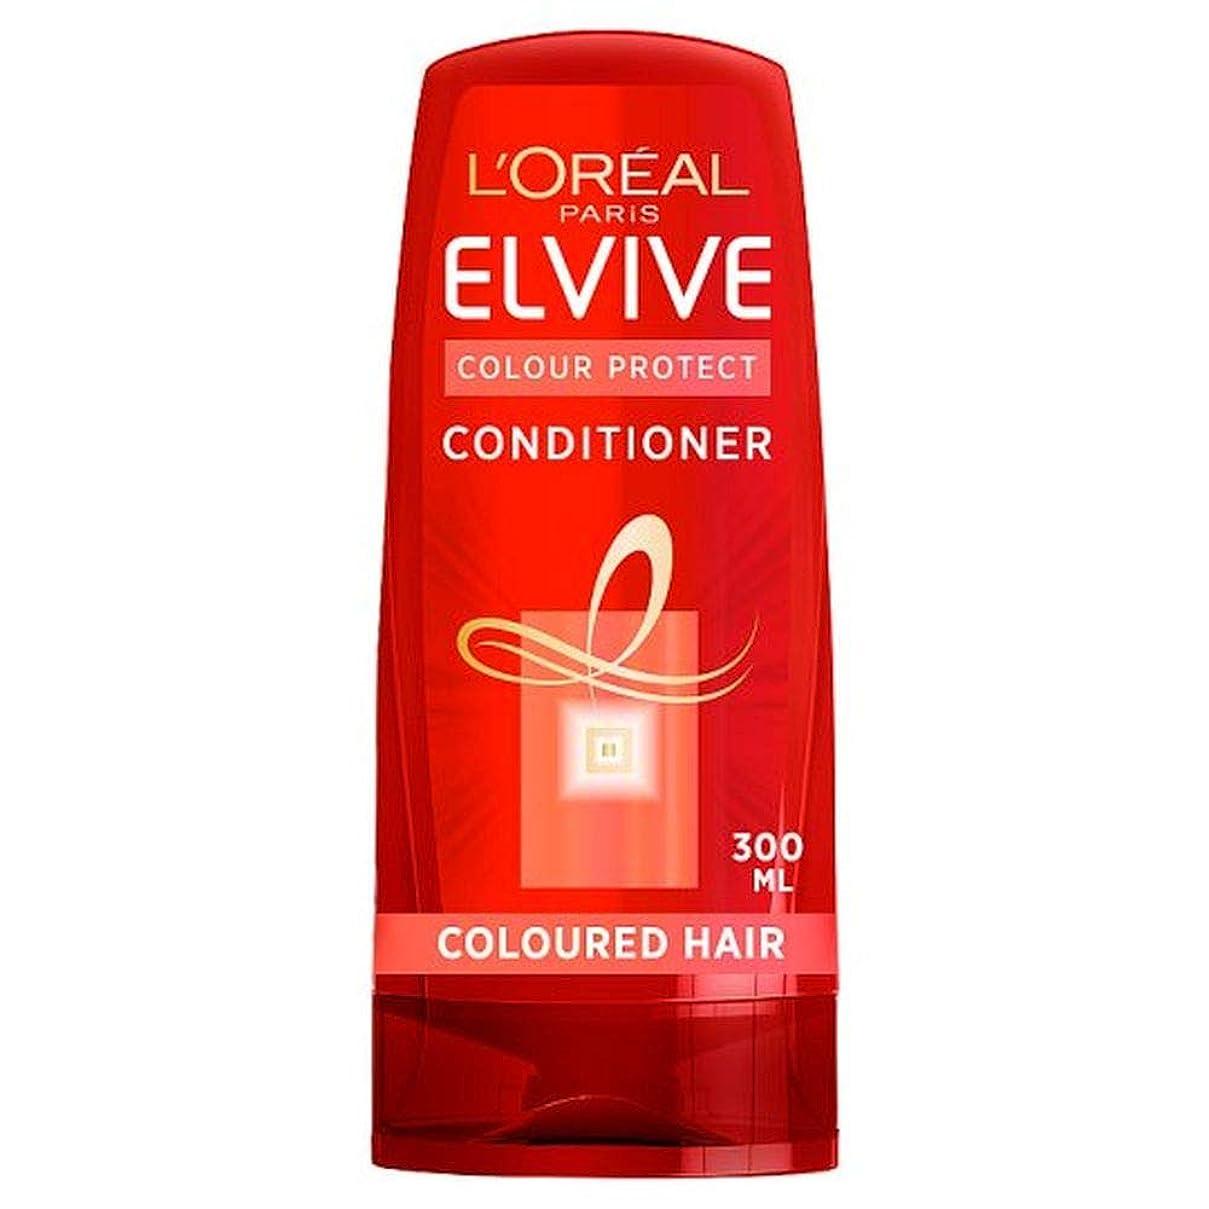 ストリームパキスタン人文化[Elvive] ロレアルElvive色の保護ヘアコンディショナー300ミリリットル - L'oreal Elvive Coloured Protection Hair Conditioner 300Ml [並行輸入品]